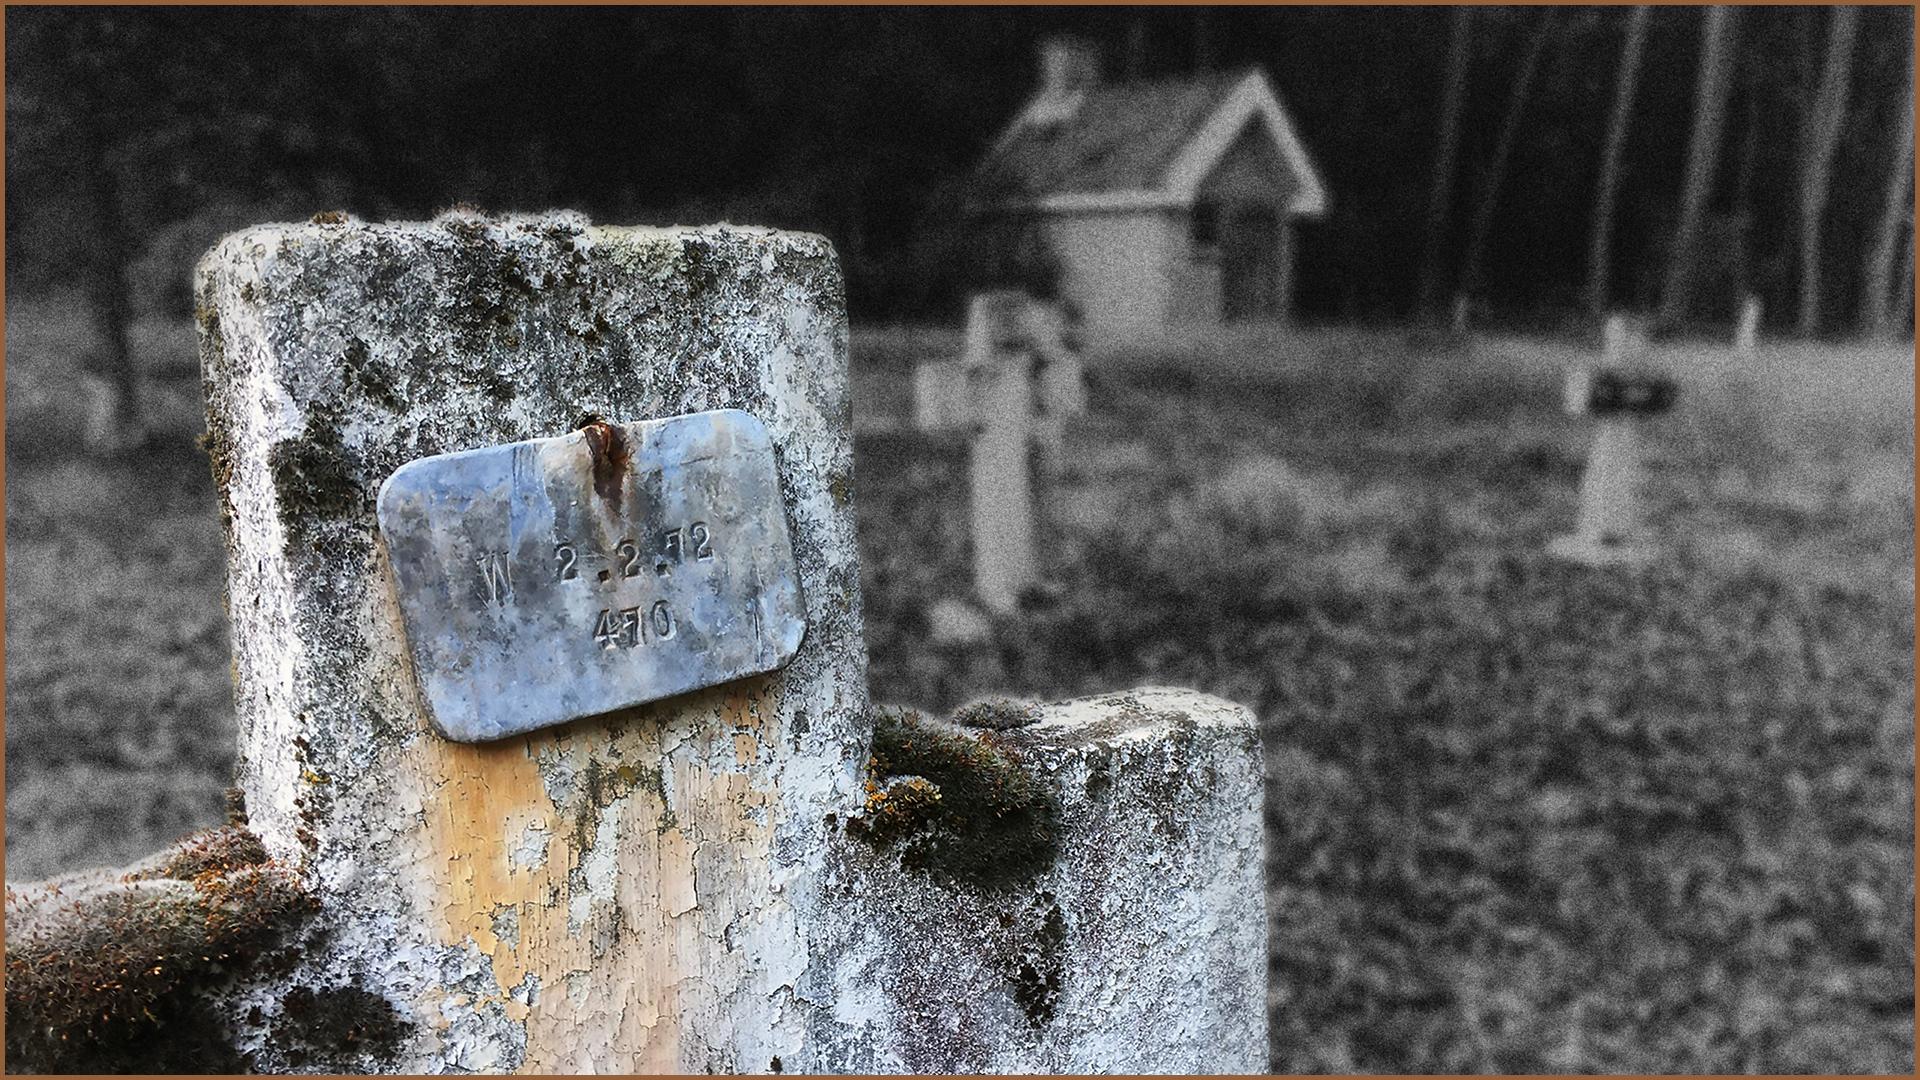 Kerkhof-met-kruis2.jpg